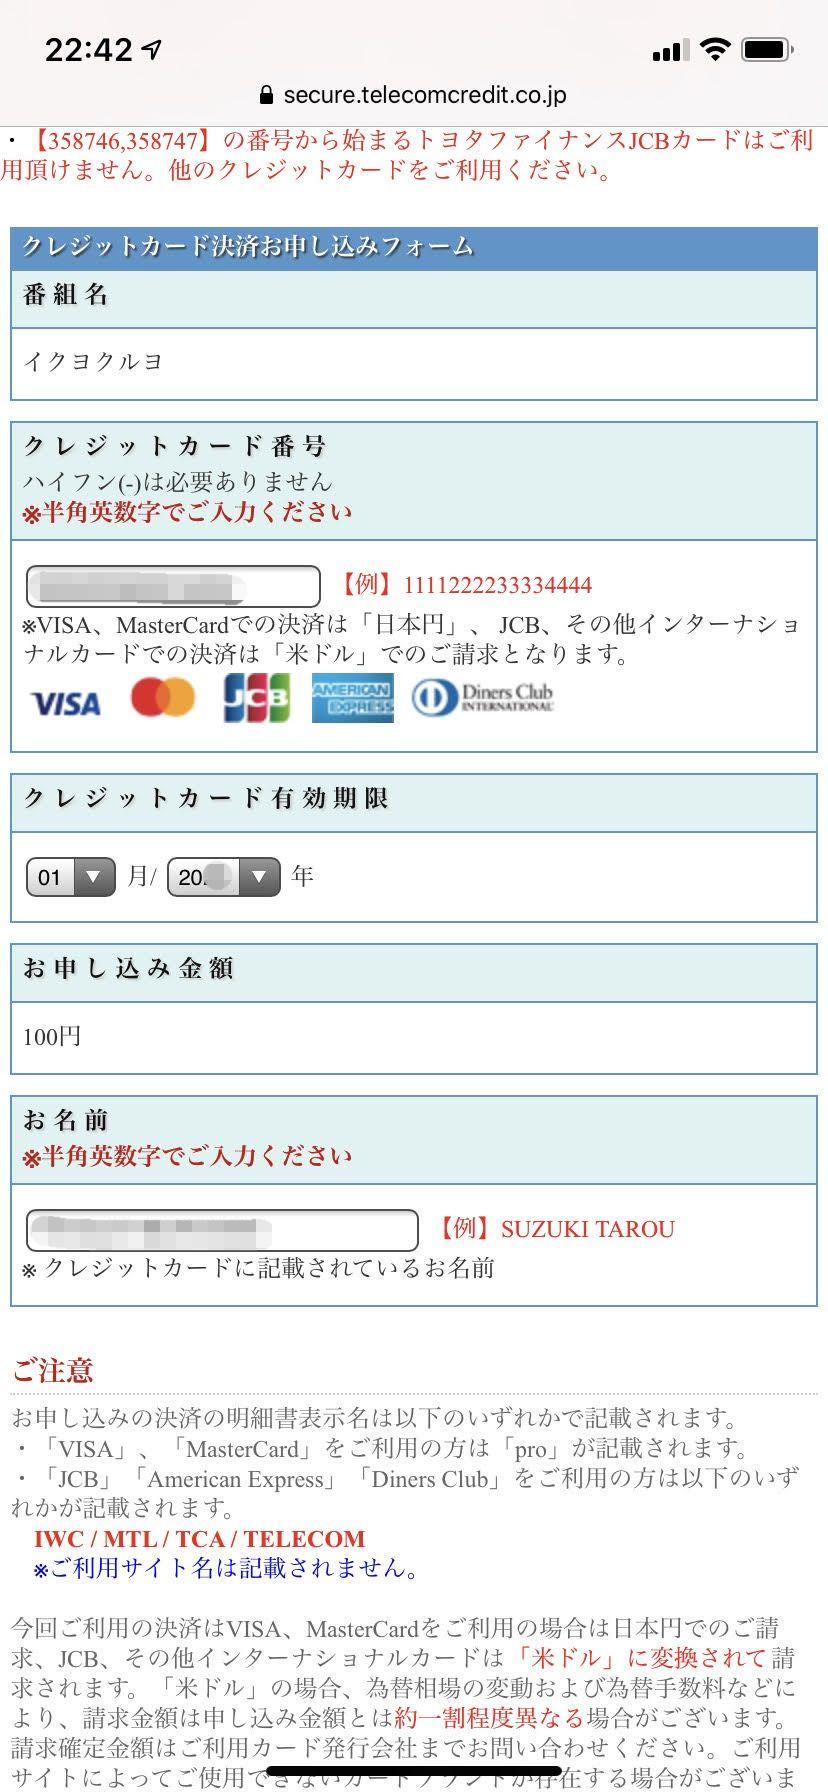 イククル ポイント購入 クレジットカード